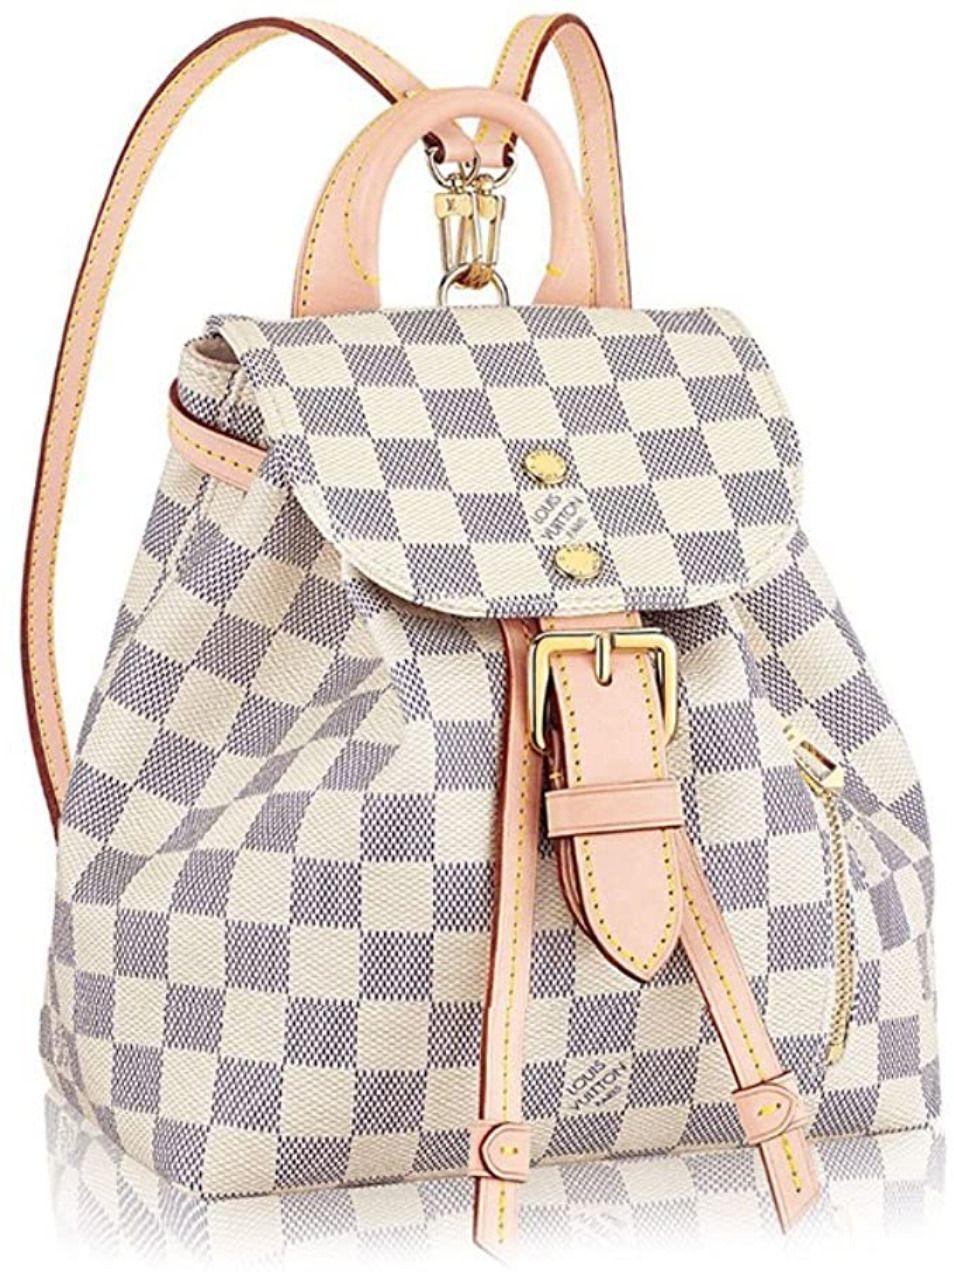 Louis Vuitton Damier Azur Mini Backpack | louis vuitton mini backpack damier